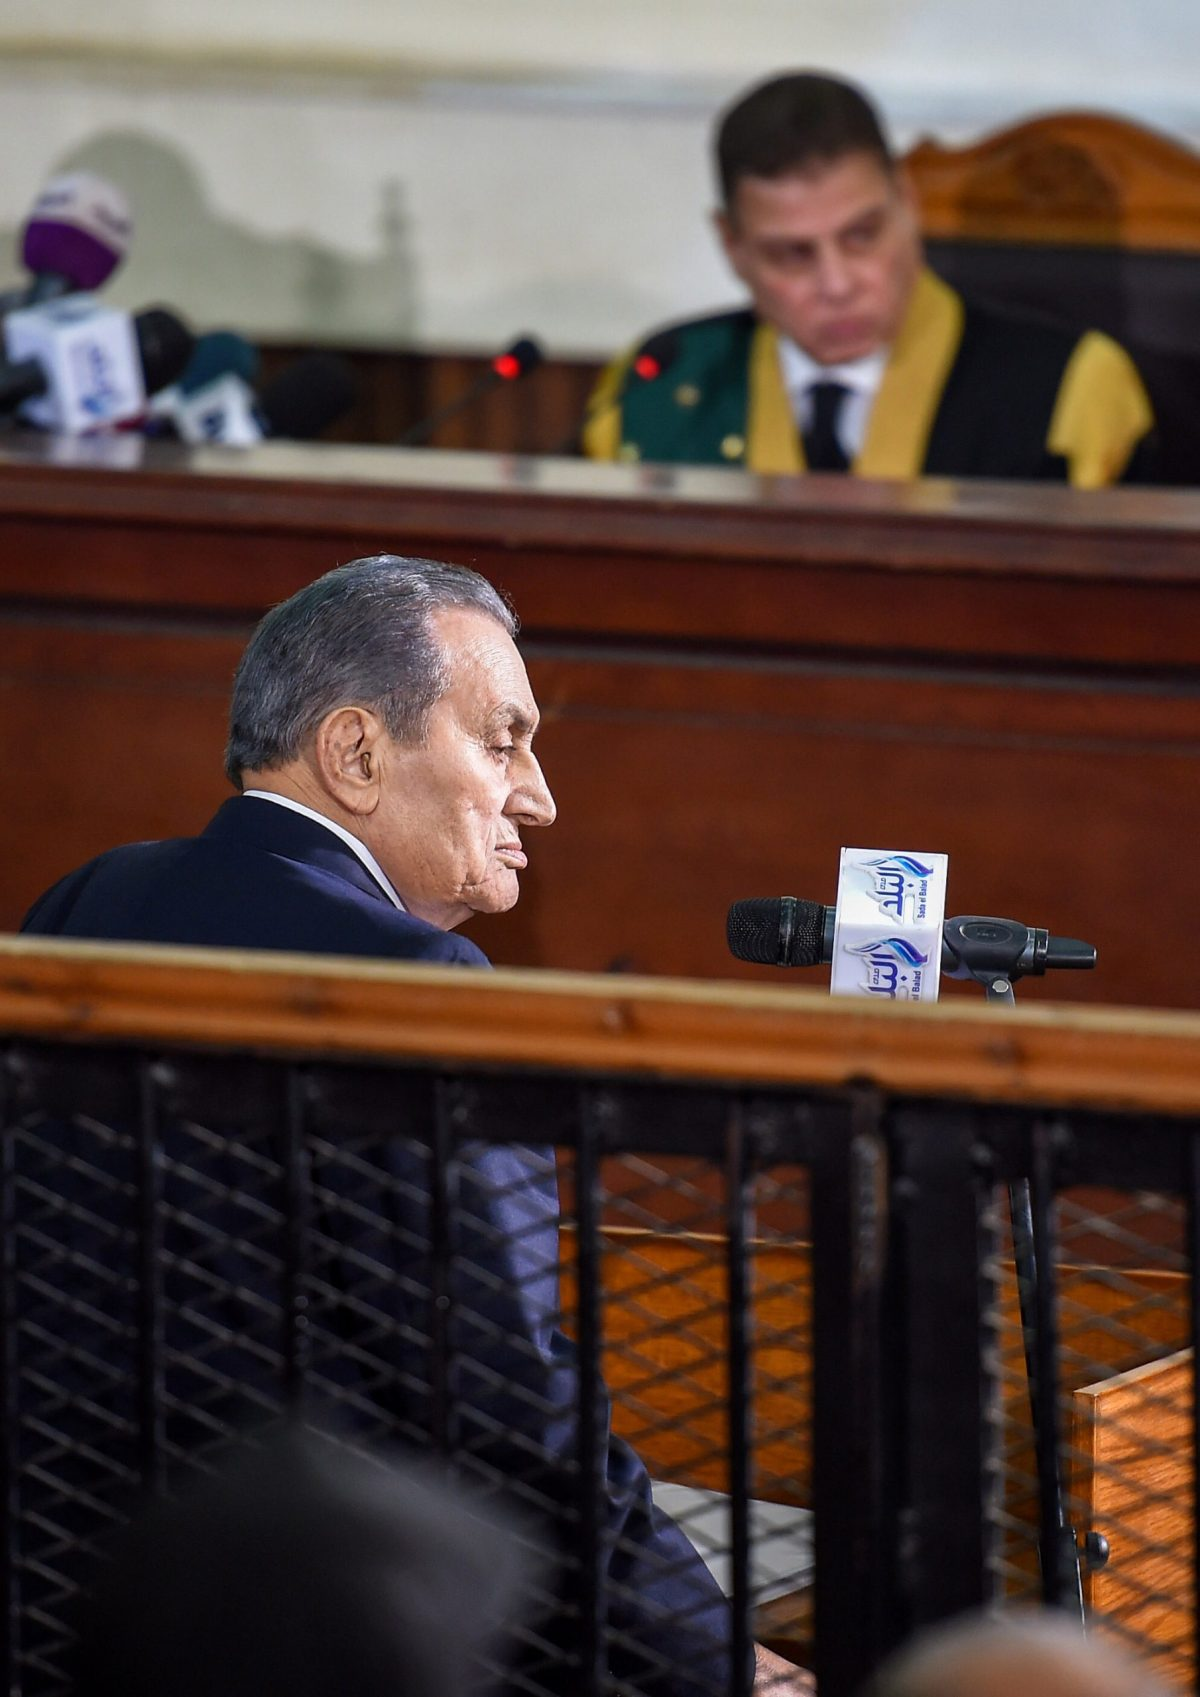 الرئيس المصري السابق محمد حسني مبارك يدلي بشهادته في إعادة محاكمة قادة جماعة الإخوان المسلمين بتهمة التخطيط لاقتحام السجون في 2011 في 26 ديسمبر/كانون الأول 2018. صورة: Mohamed el-Shahed / AFP